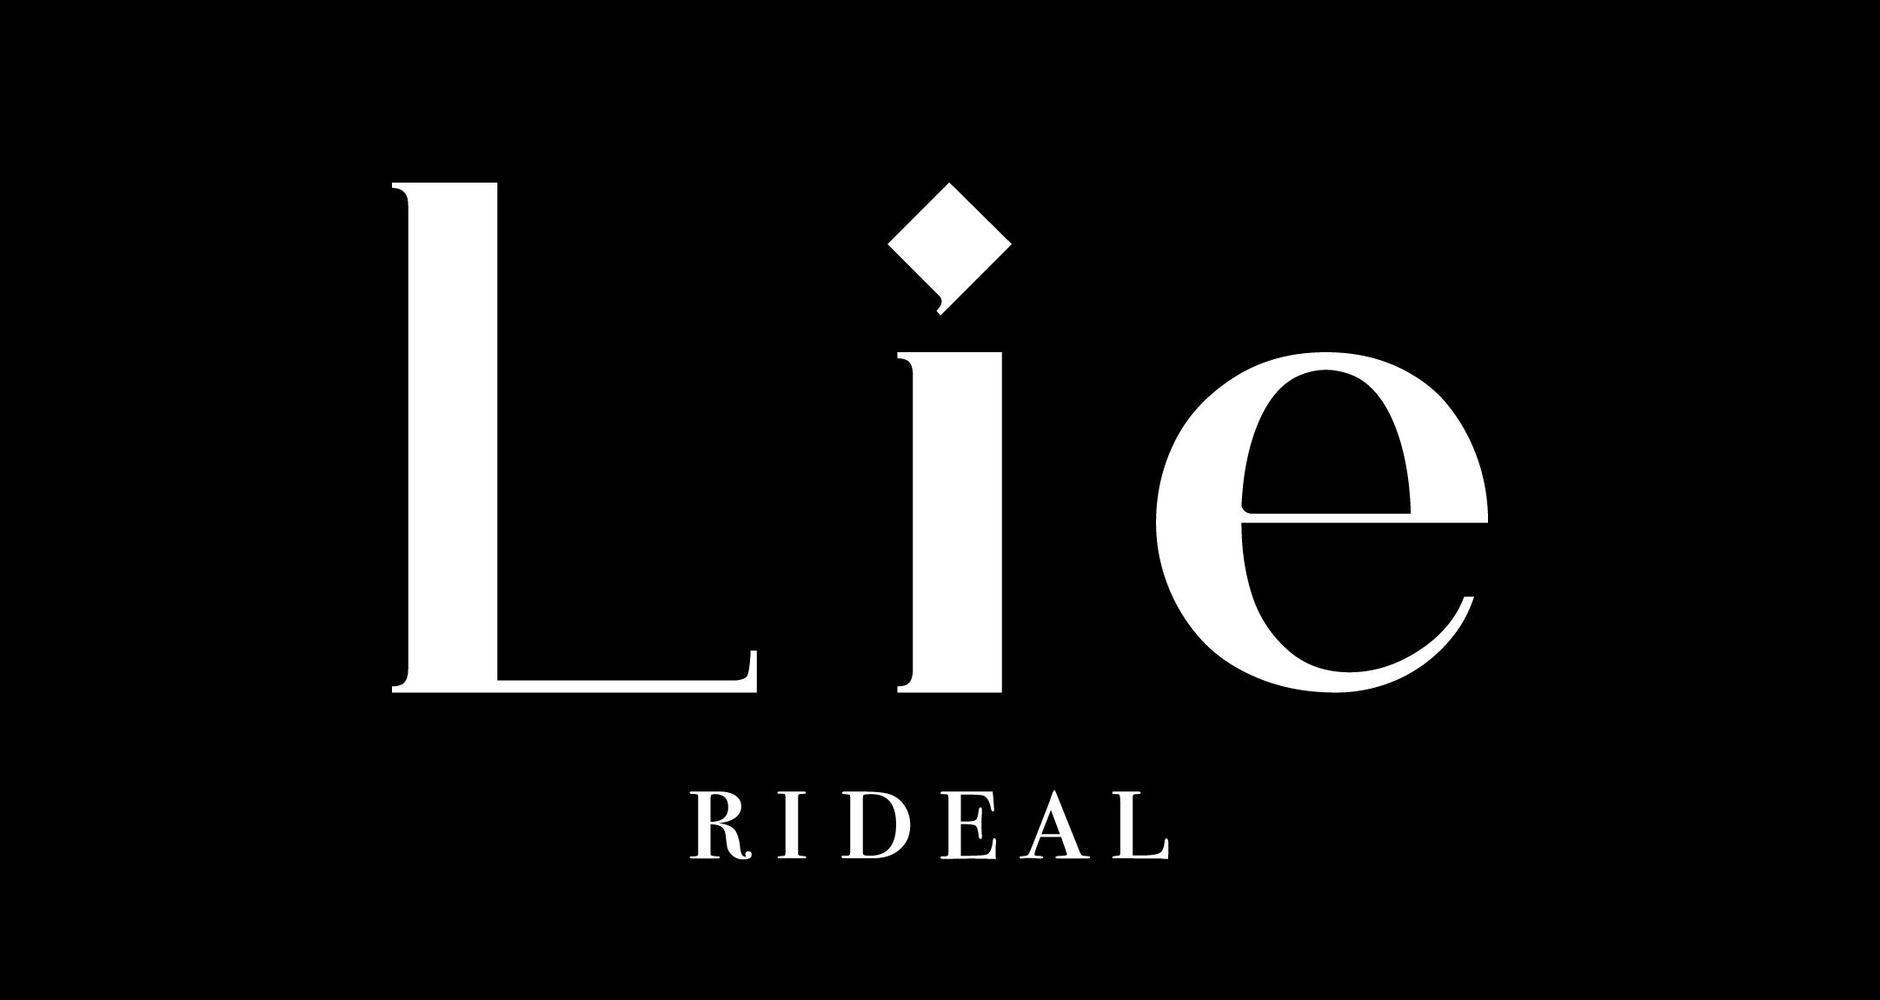 Lie rideal